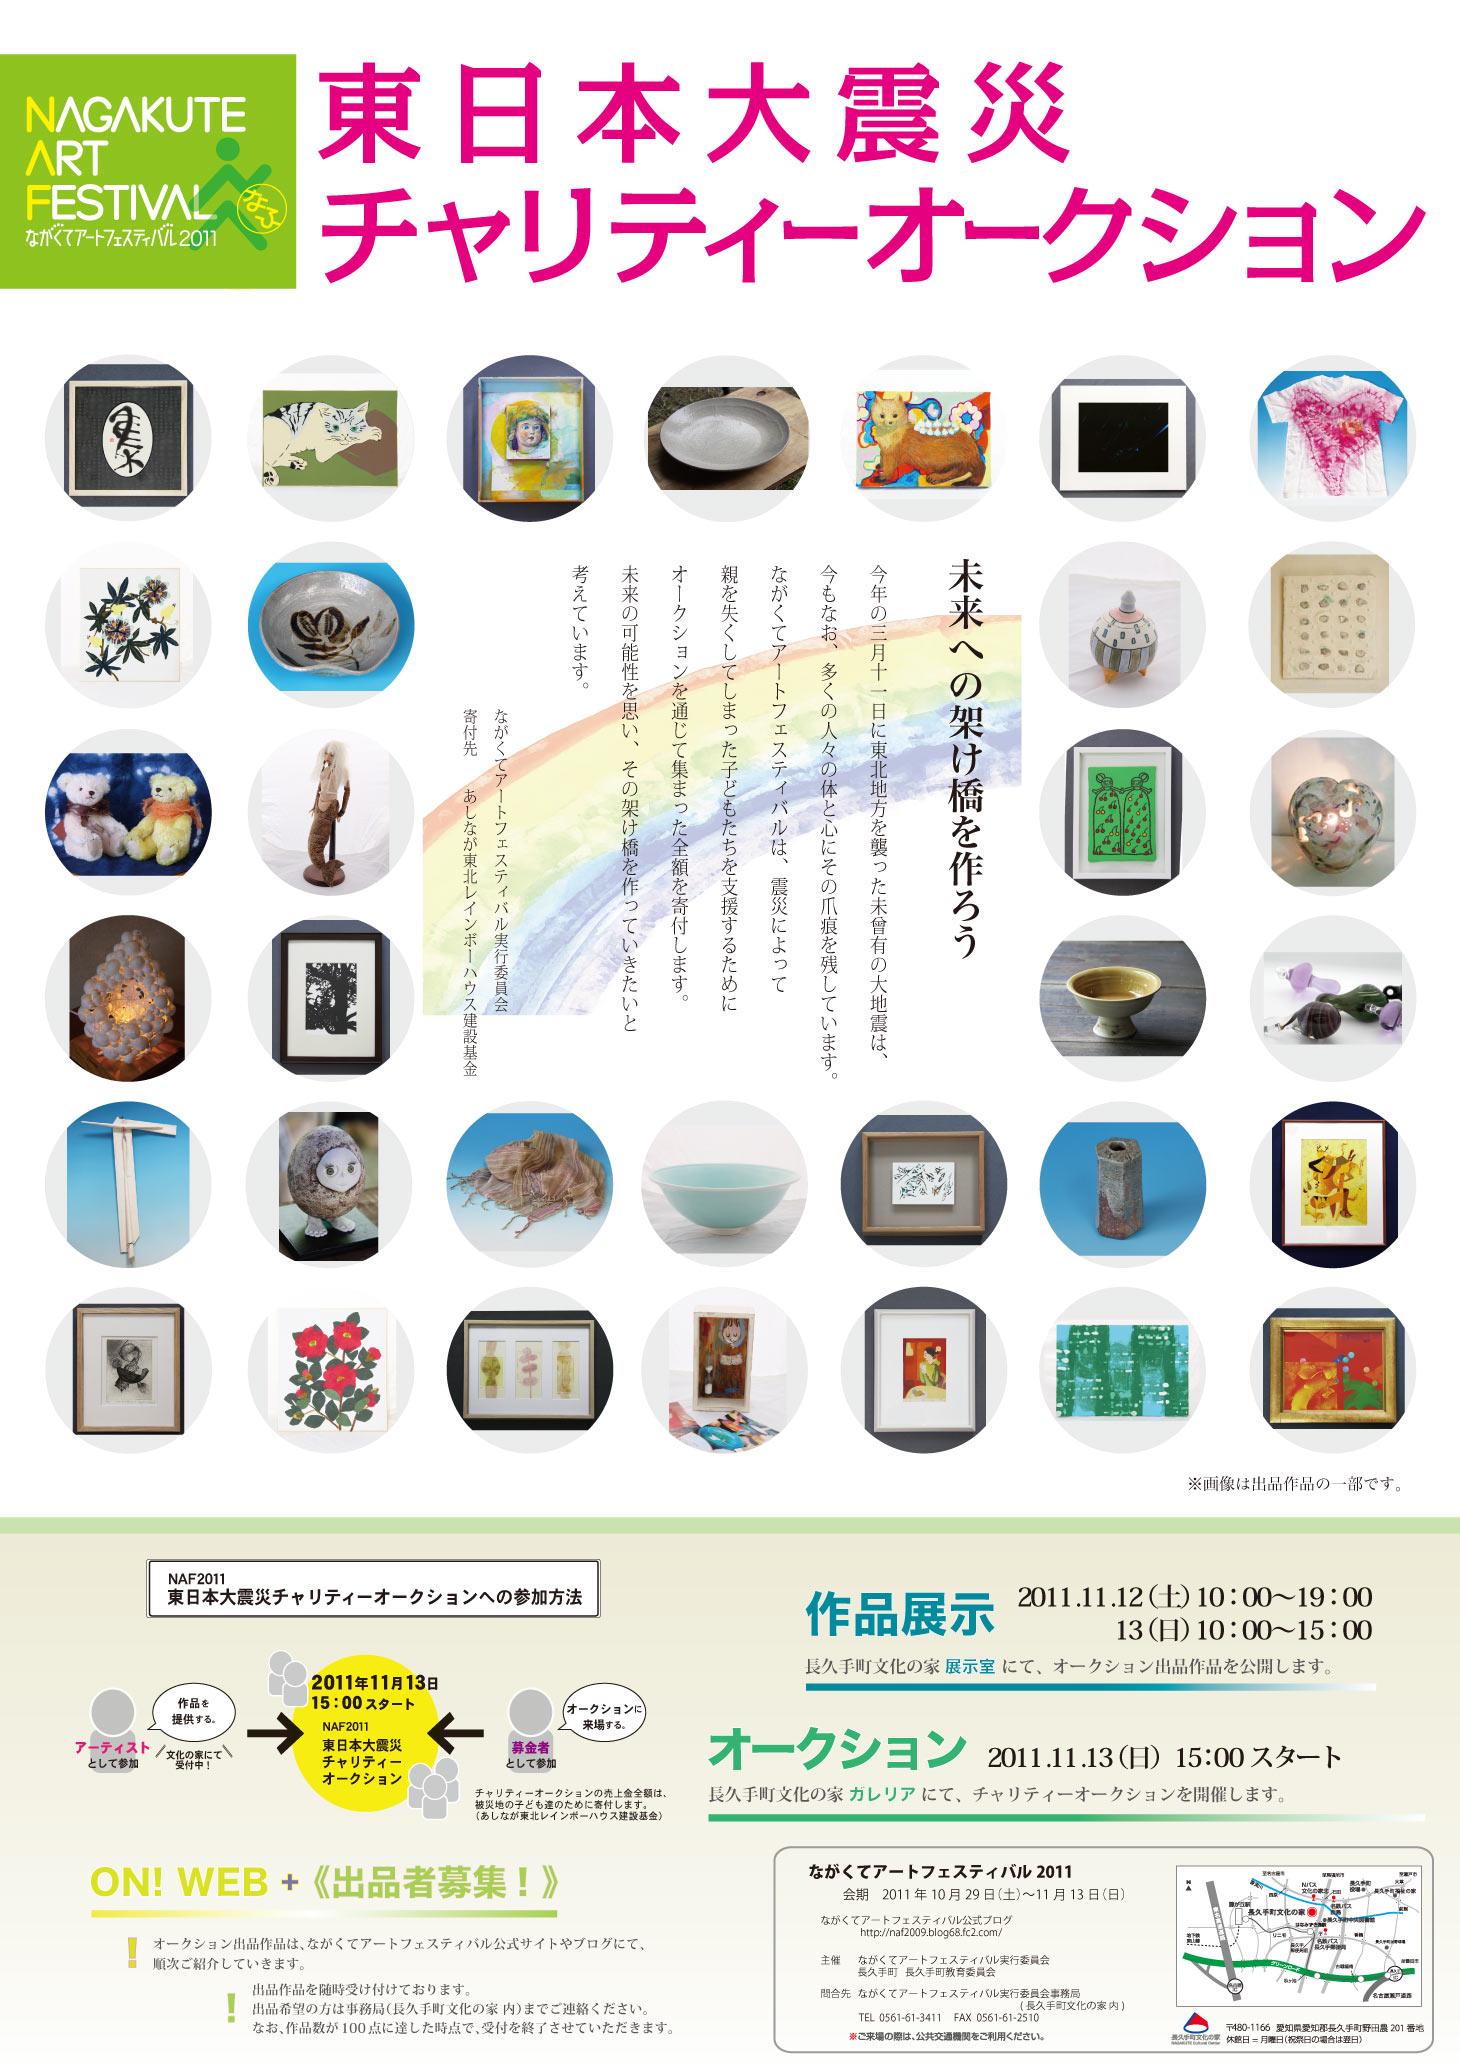 NAF2011東日本大震災チャリティーオークションポスター